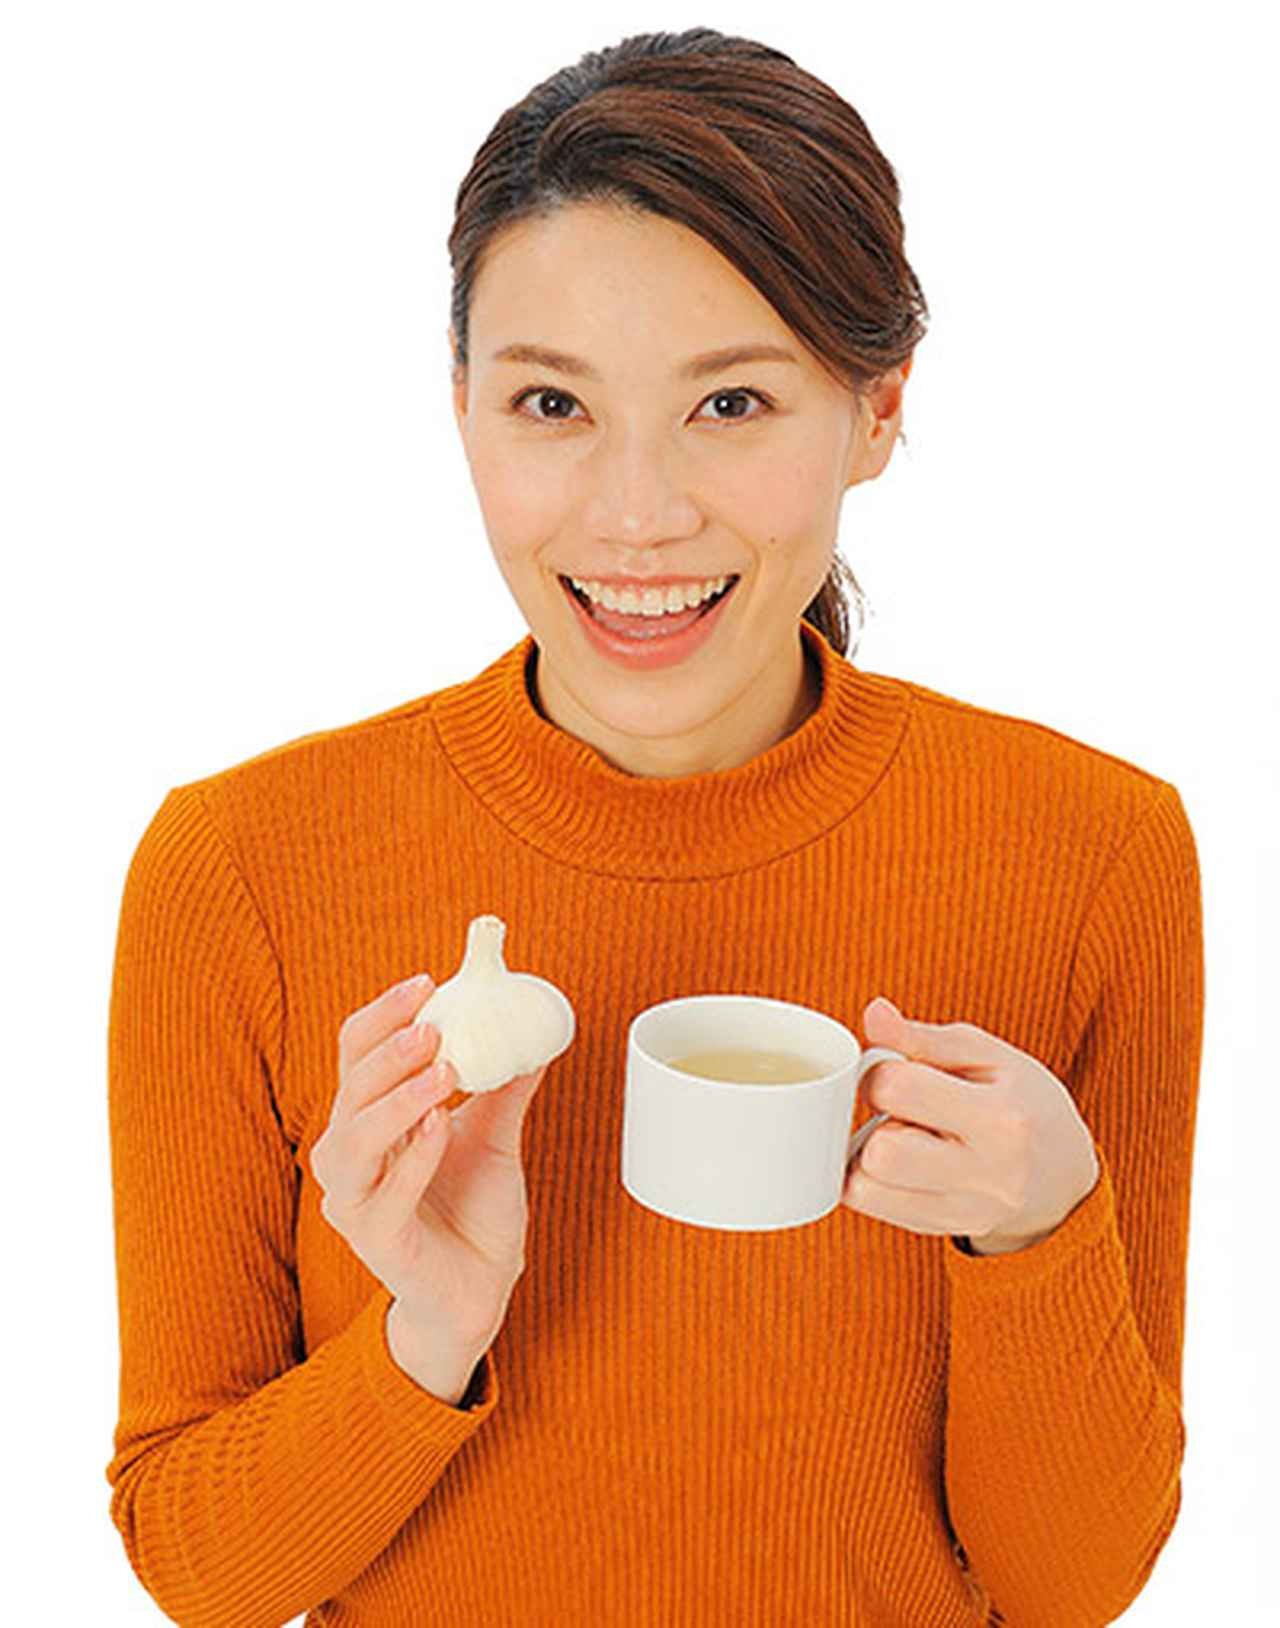 画像: 【ニンニクスープでダイエット】糖代謝と体温が上がってやせやすくなる 不眠の改善にもおすすめ